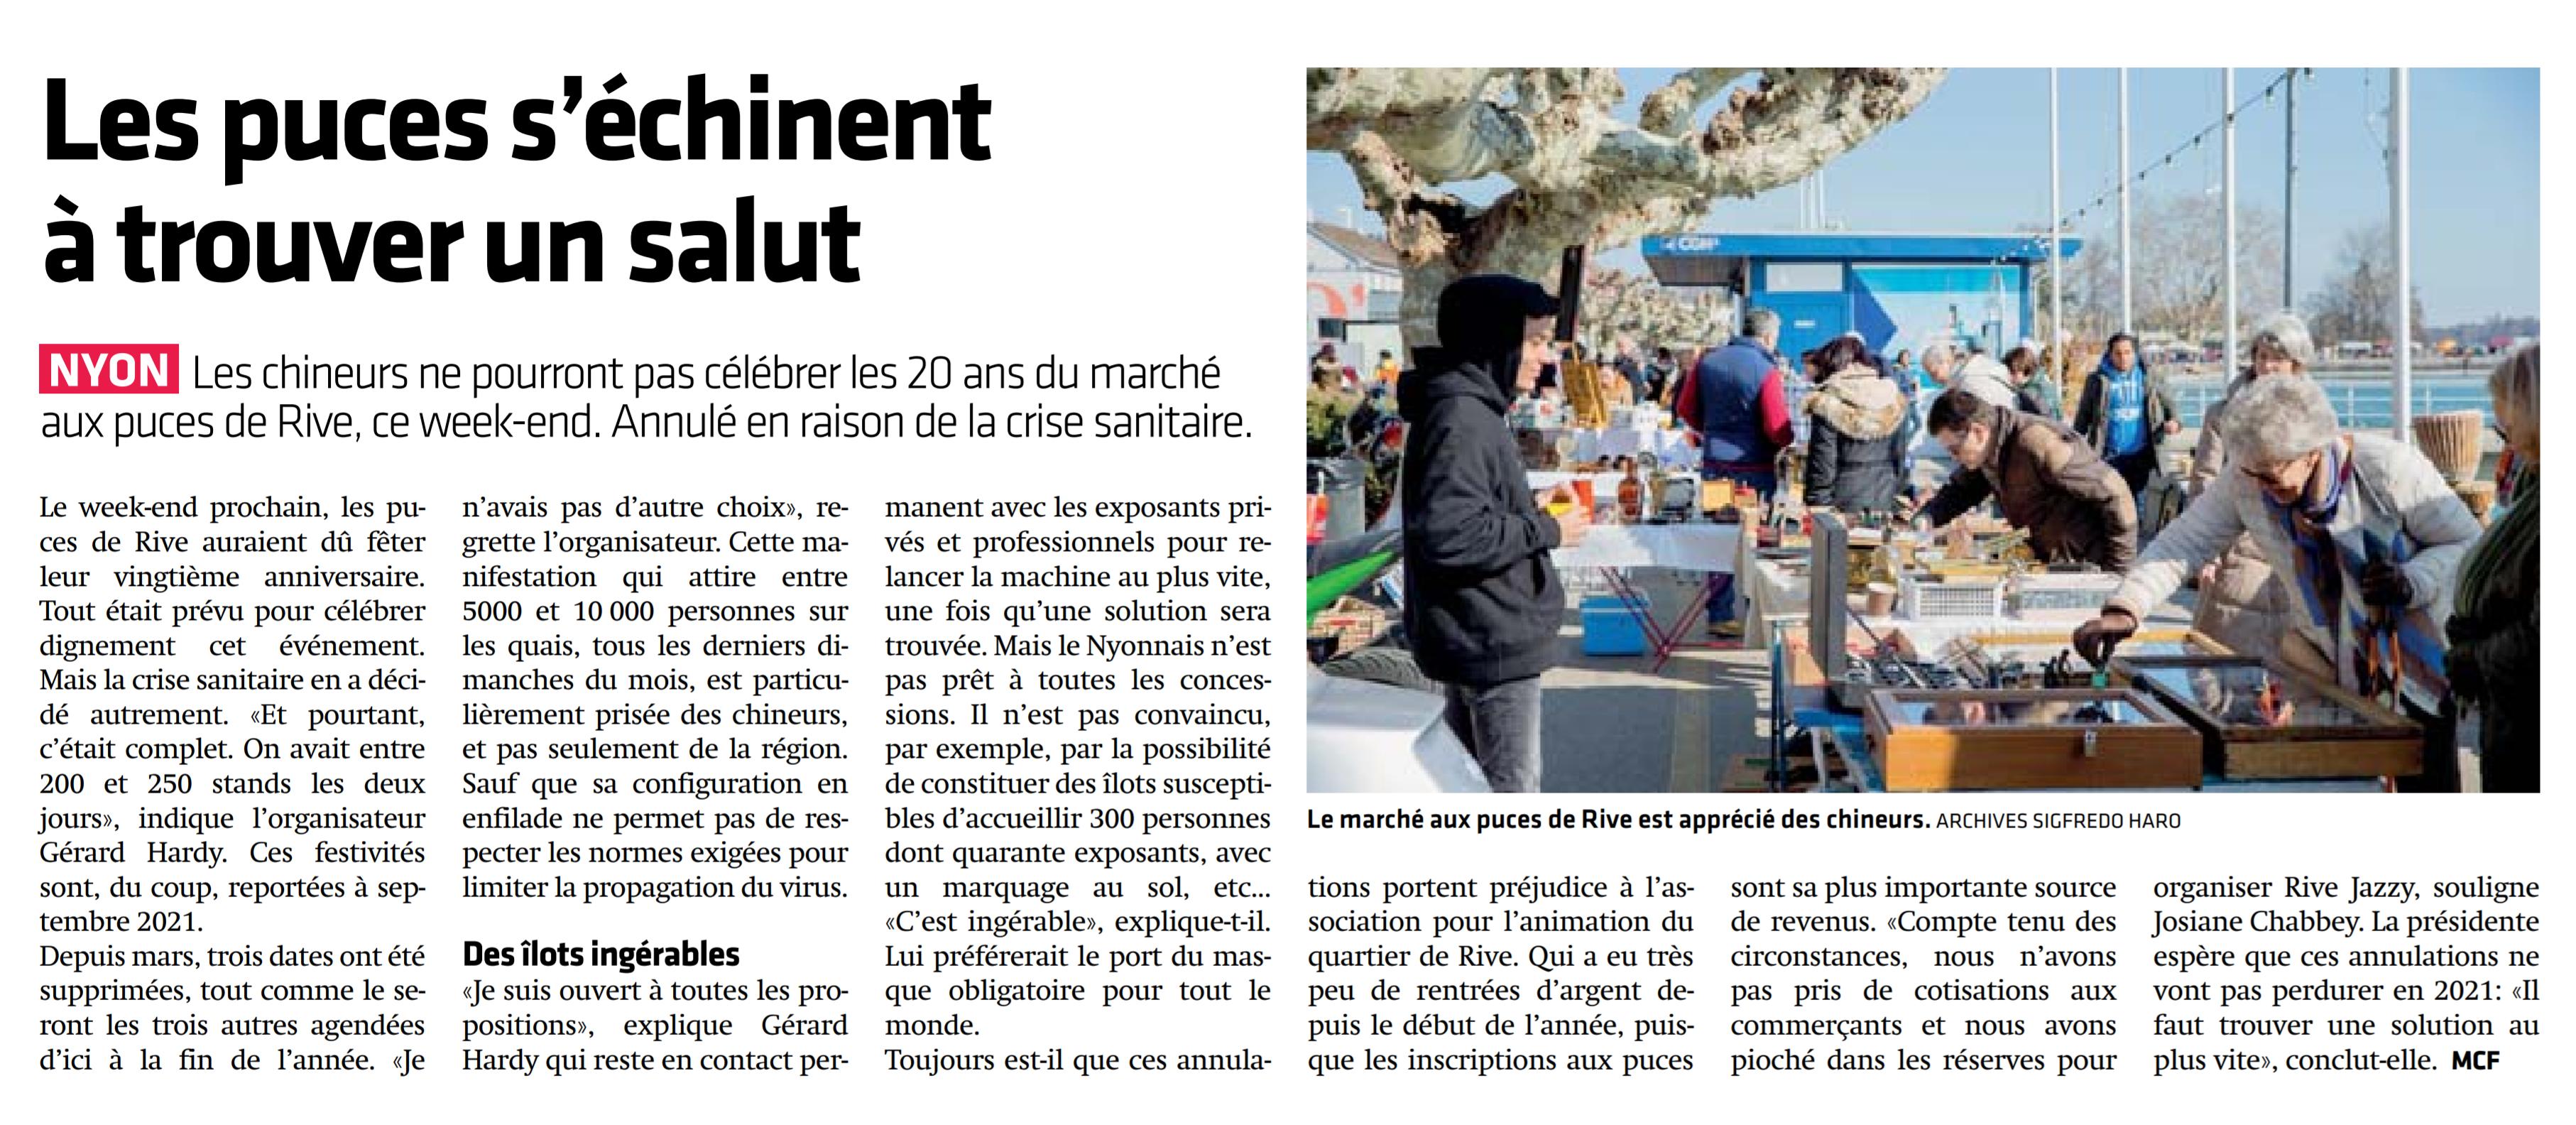 La Côte, 23.9.2020, Les puces s'échinent à trouver un salut